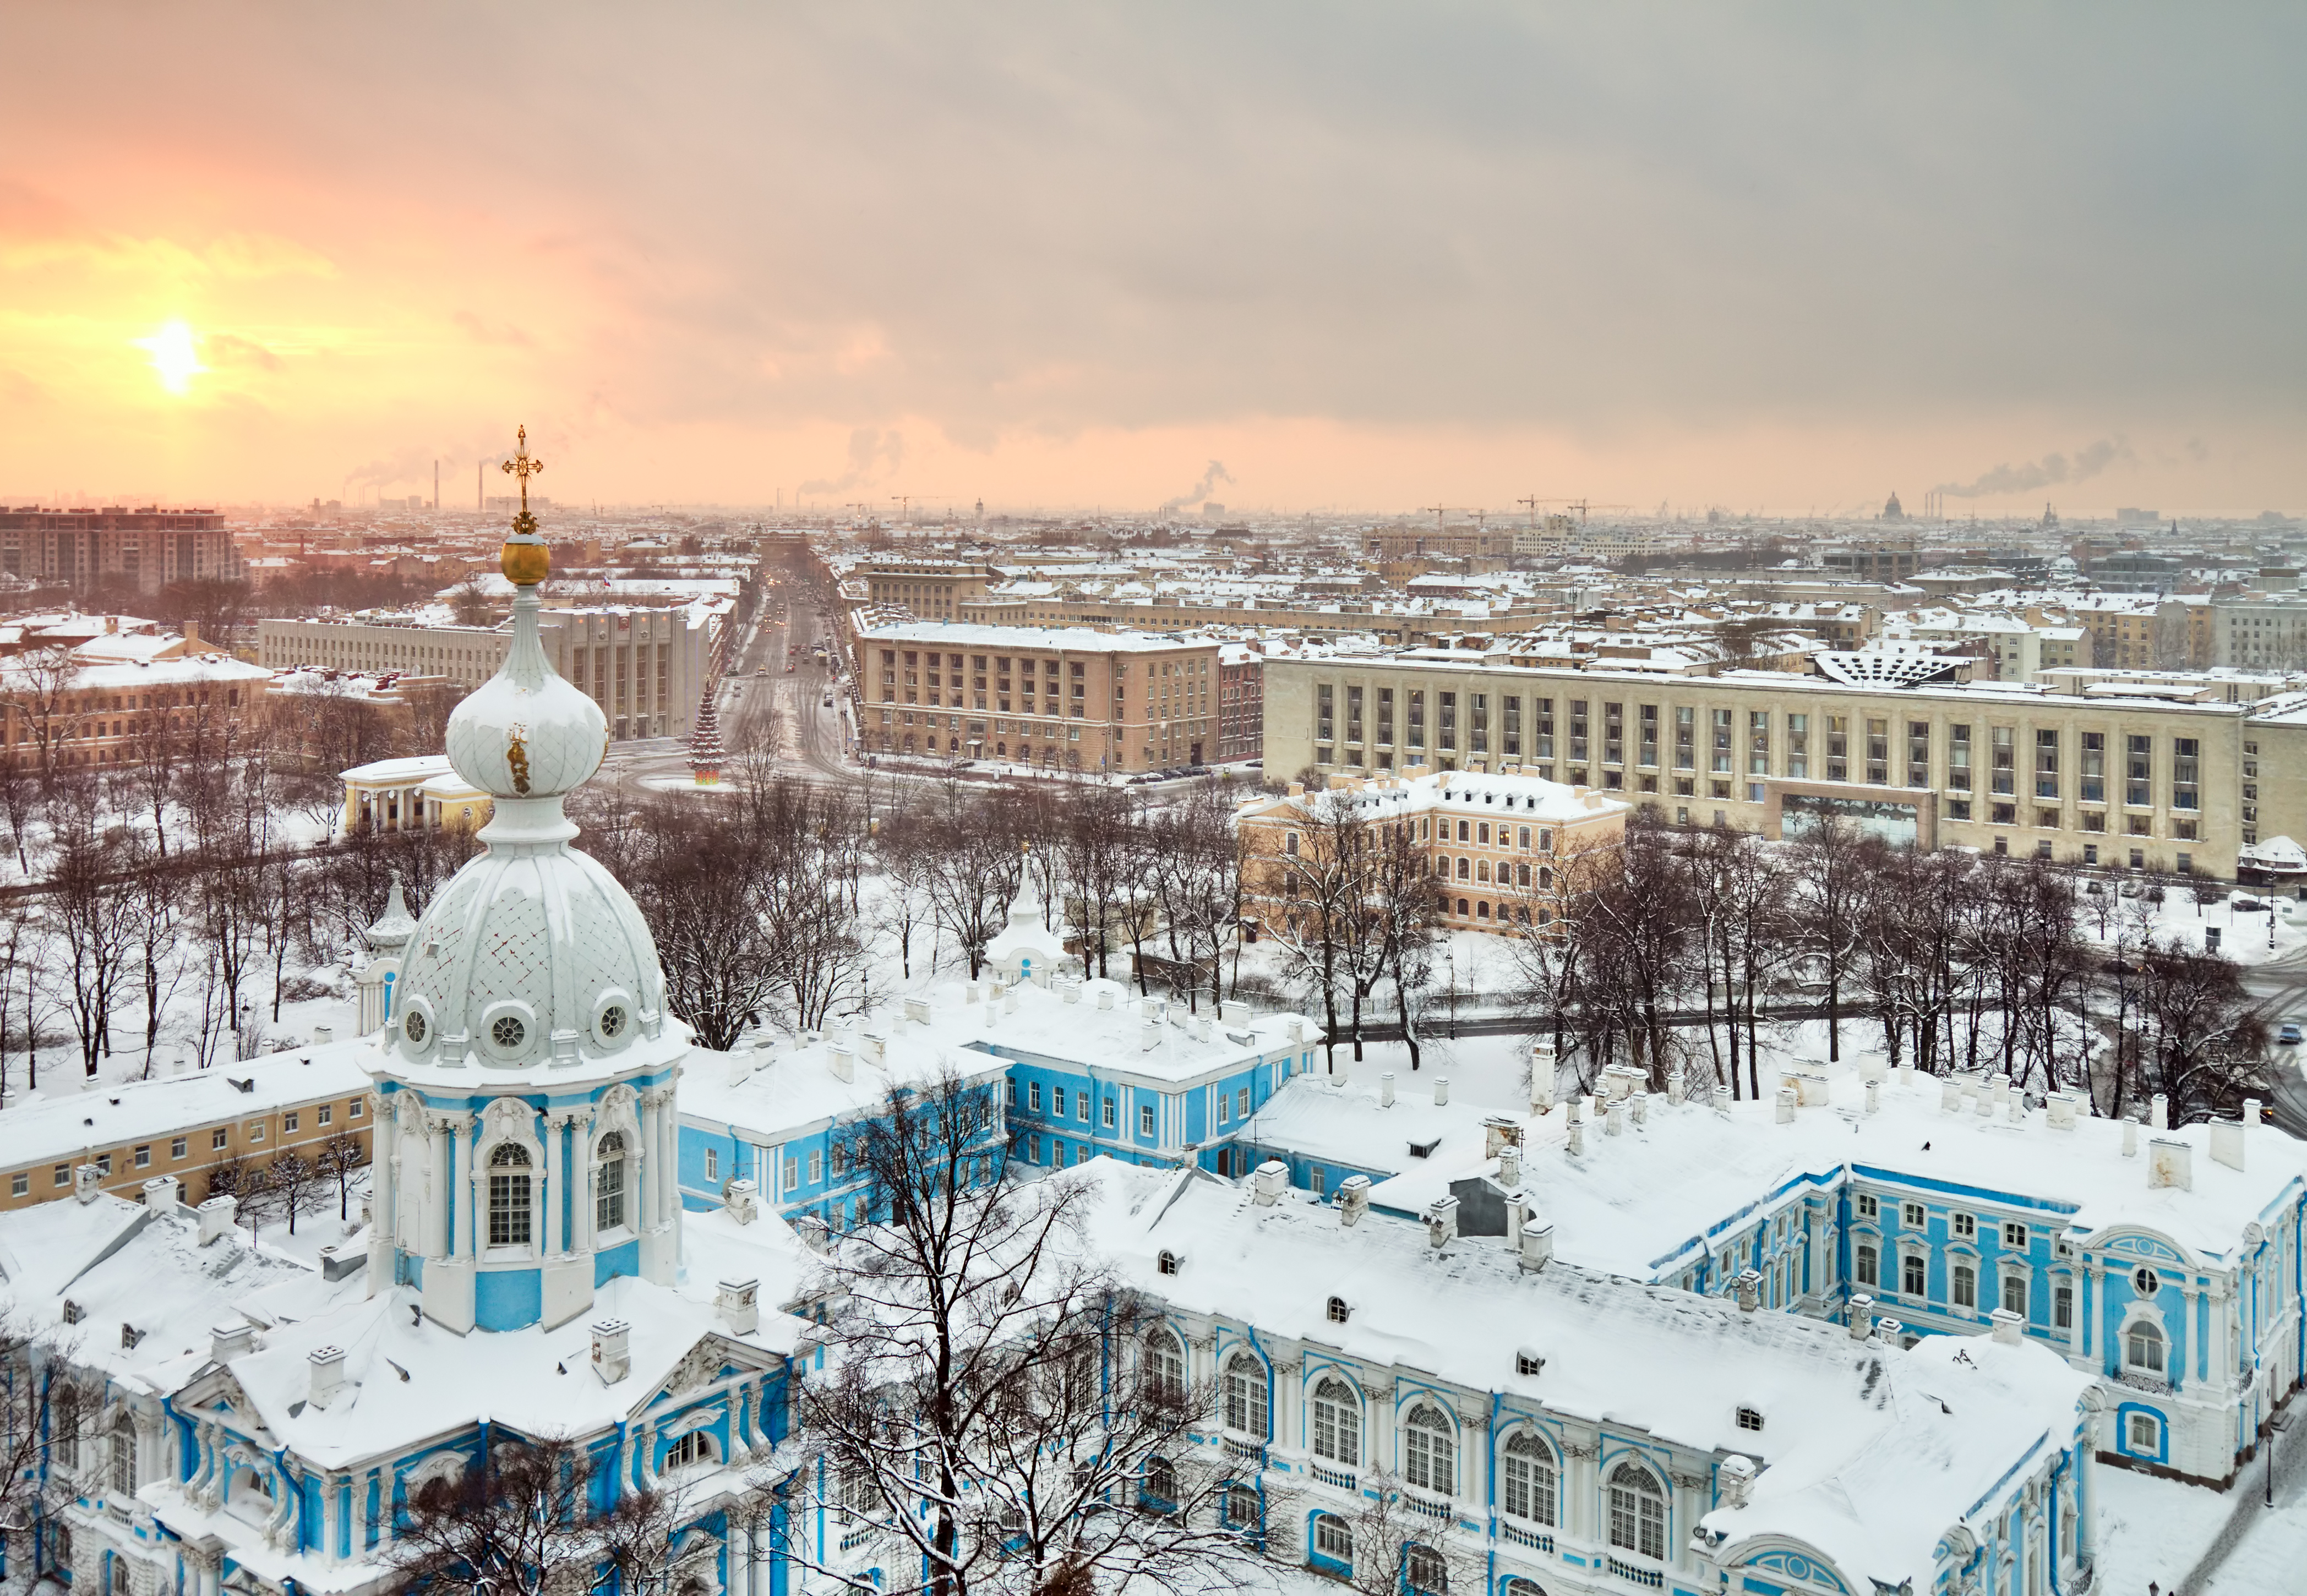 Inverno paisagem urbana de São Petersburgo, Rússia